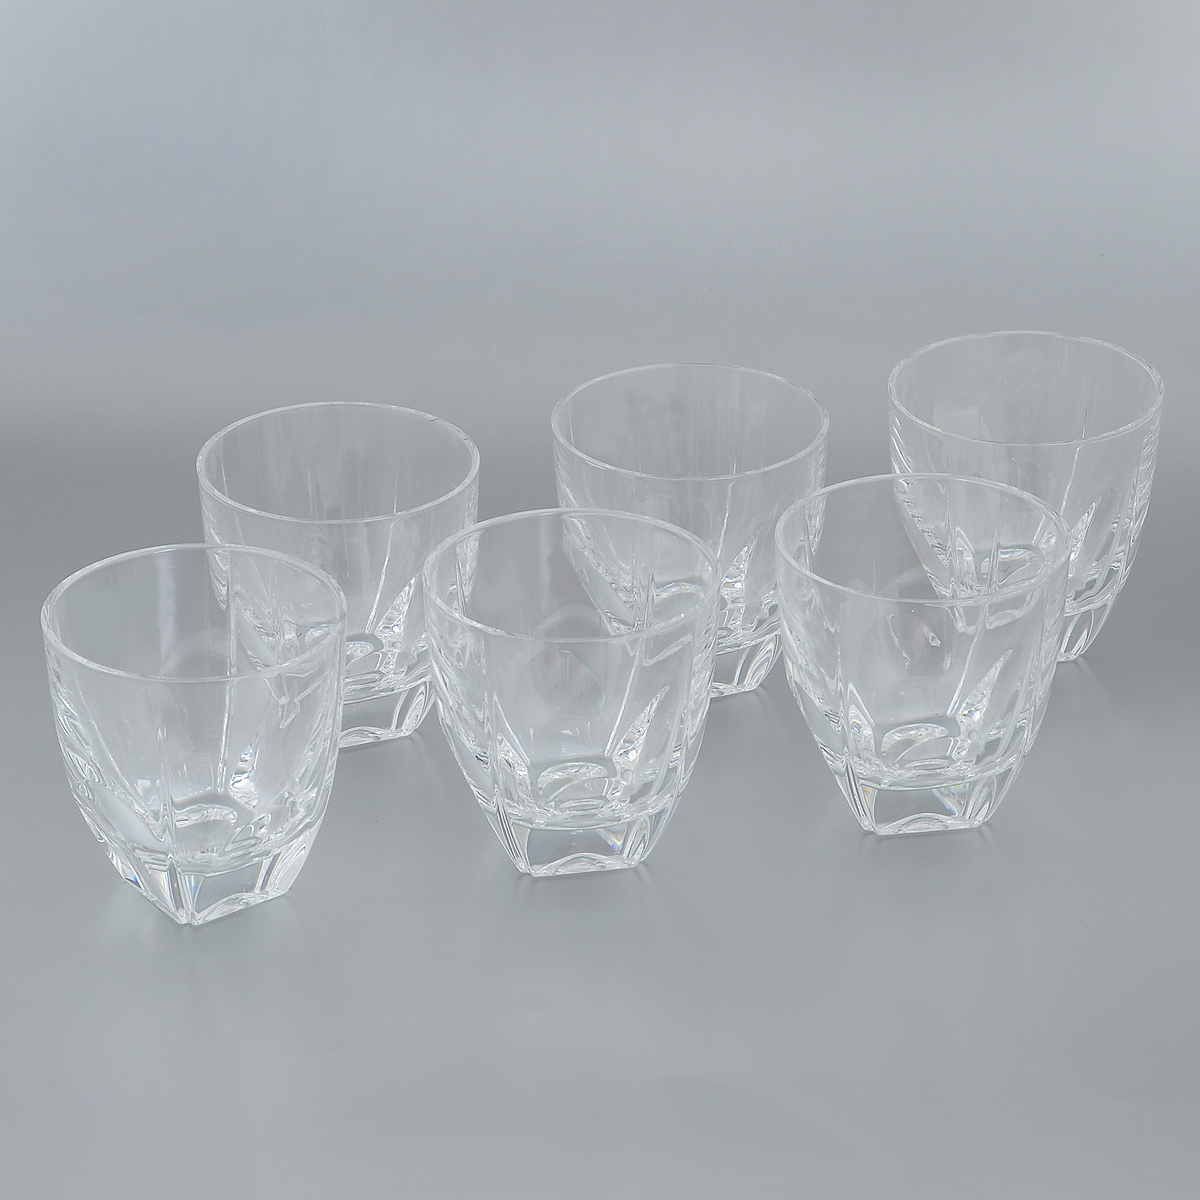 Набор стаканов Crystal Bohemia, 270 мл, 6 штVT-1520(SR)Набор Crystal Bohemia состоит из шести стаканов. Изделия выполнены из прочного высококачественного хрусталя. Они излучают приятный блеск и издают мелодичный звон. Набор предназначен для подачи виски, бренди или коктейлей. Набор Crystal Bohemia прекрасно оформит интерьер кабинета или гостиной и станет отличным дополнением бара. Такой набор также станет хорошим подарком к любому случаю. Диаметр по верхнему краю: 8,5 см.Высота стакана: 9 см.Размер основания: 3,8 см х 3,8 см.